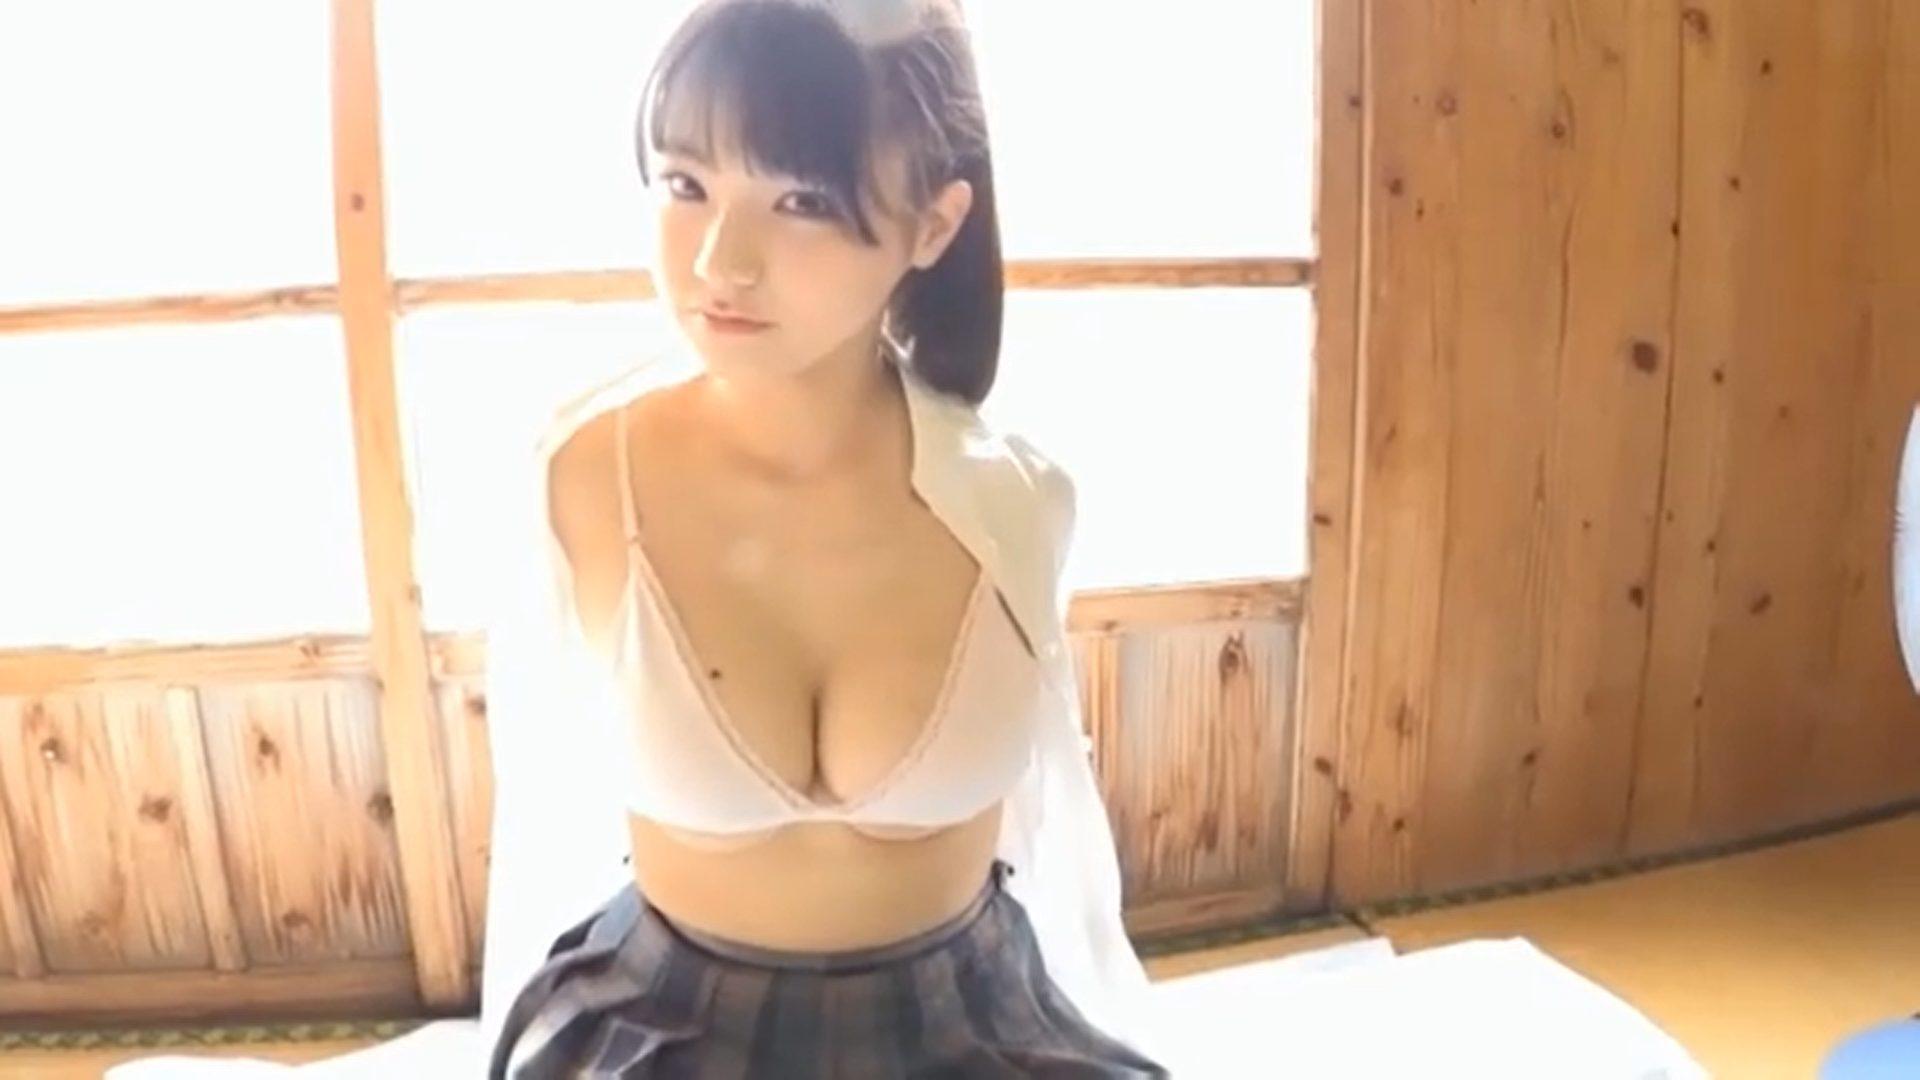 【片岡沙耶】Gカップ13 これぞ合法ロリ!?制服脱いだら下乳が出とるやないかーい!